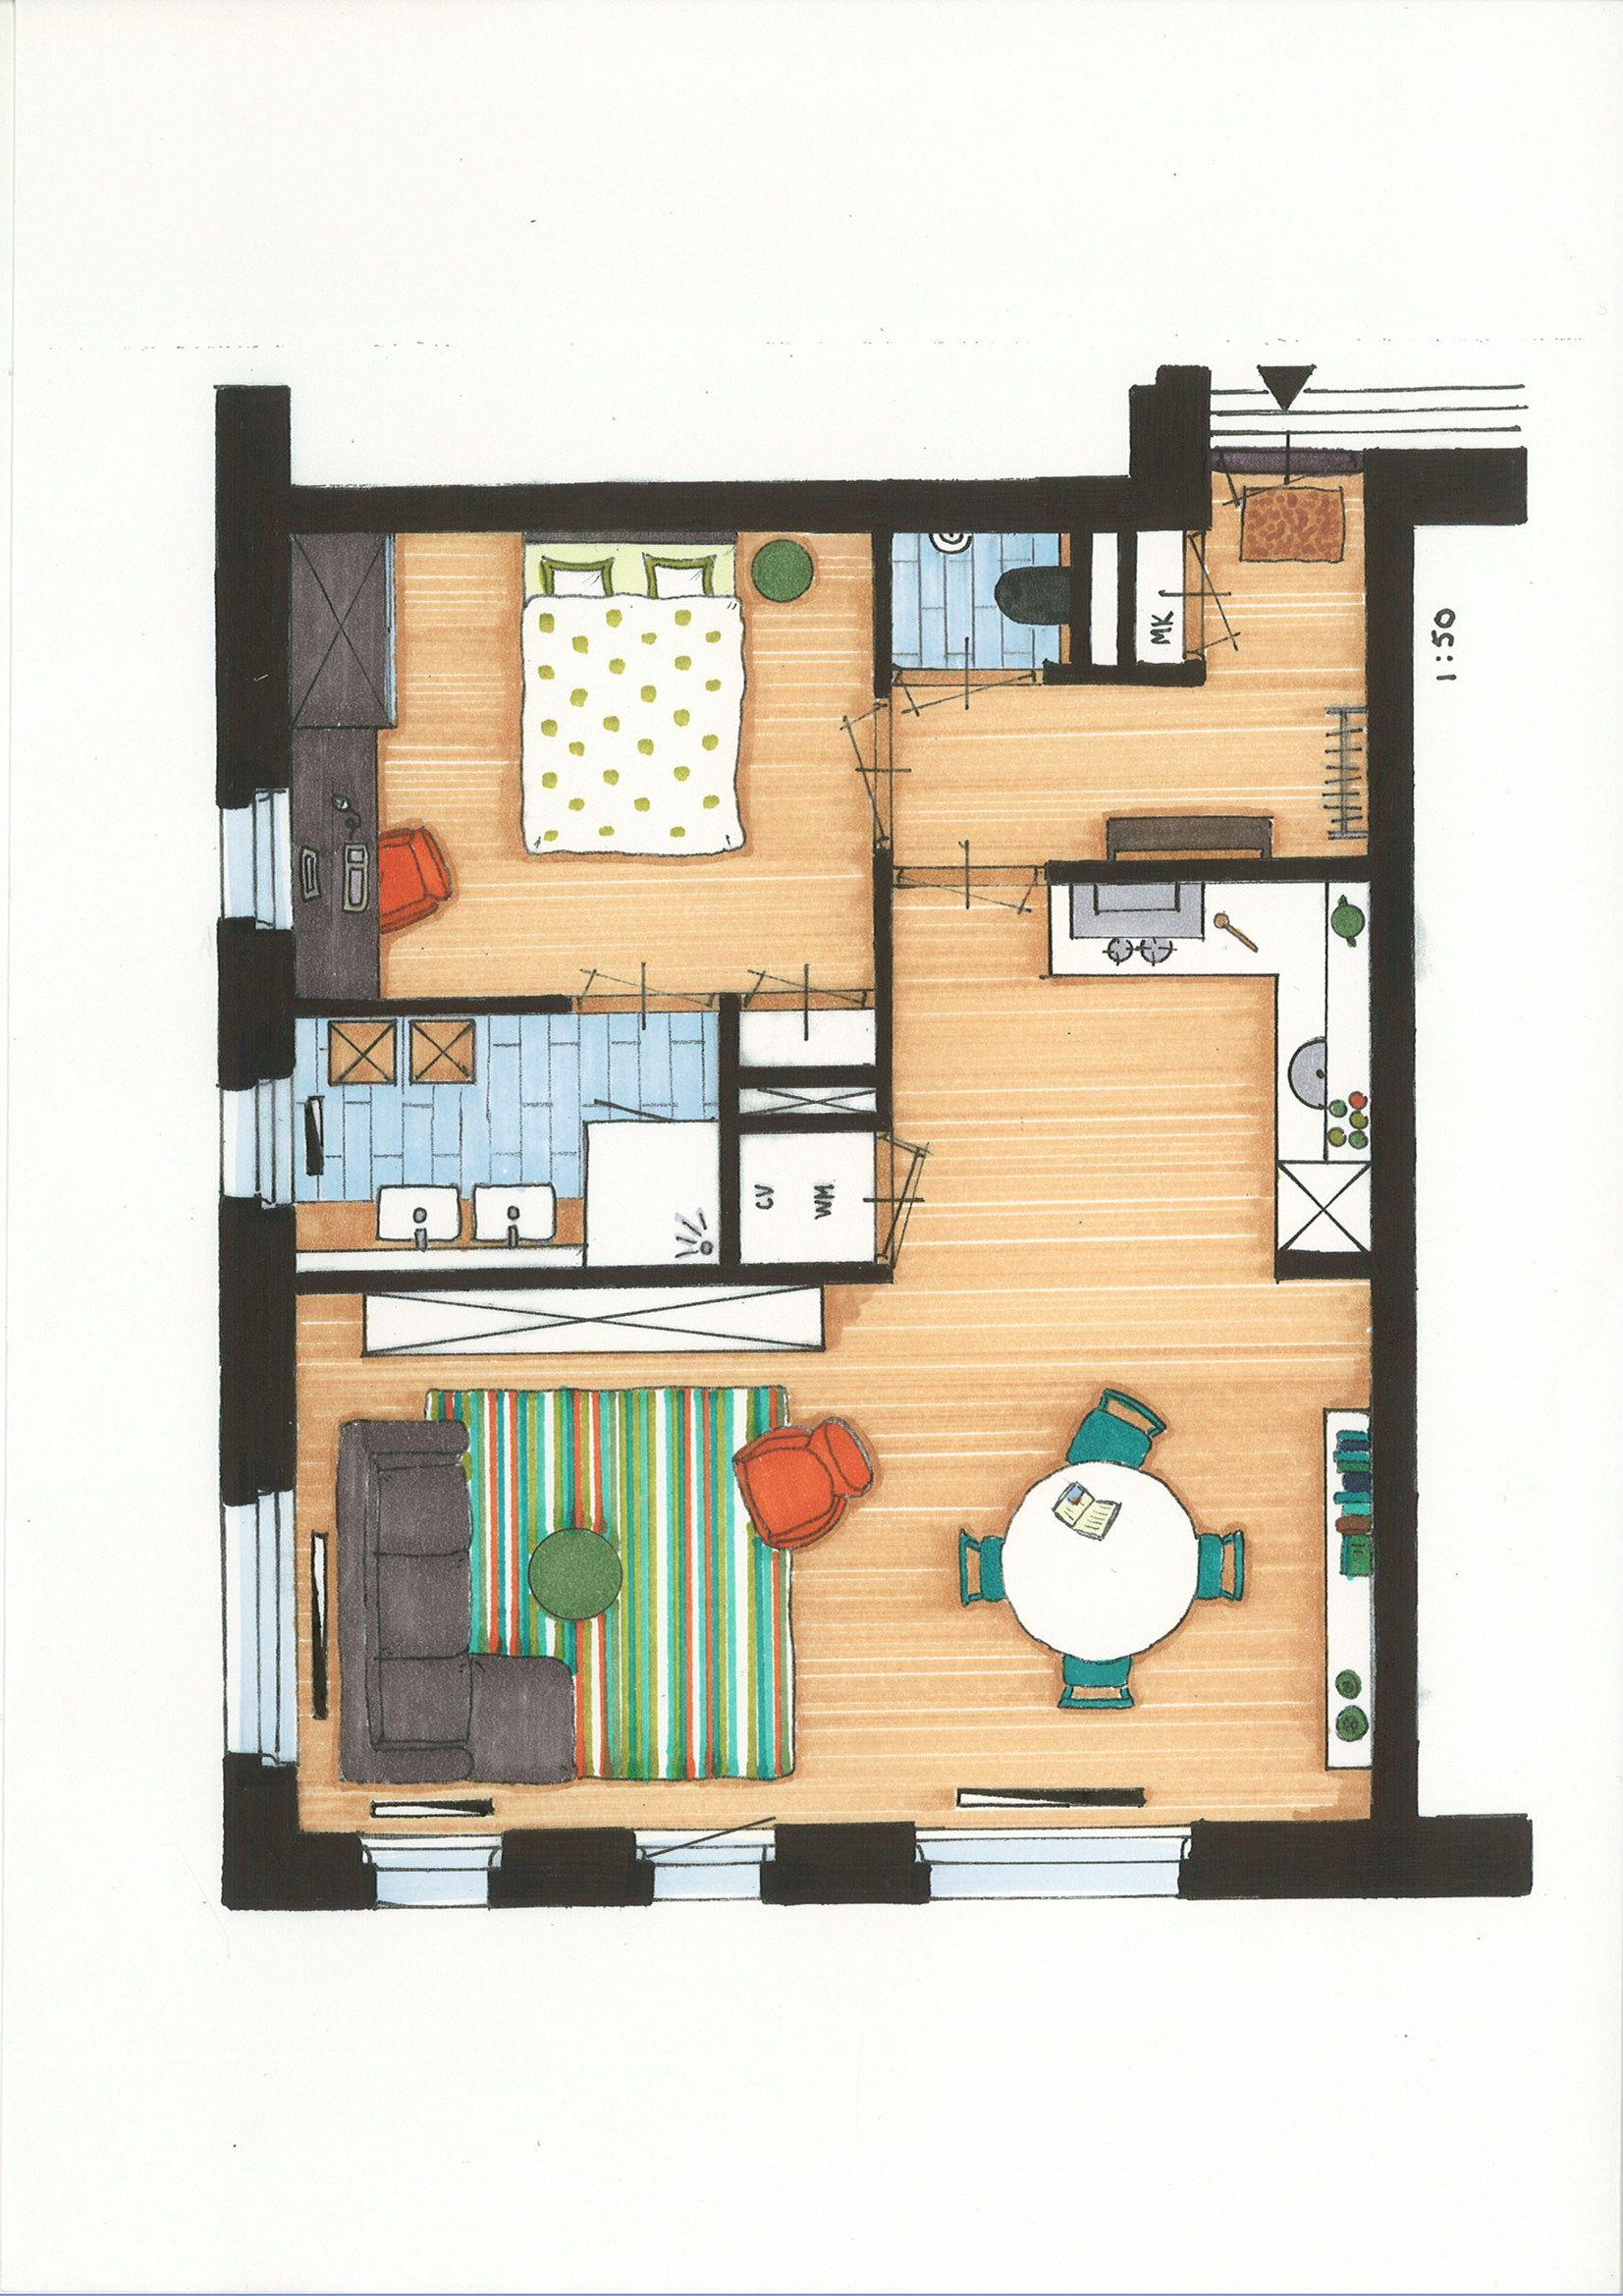 Plattegrond in opdracht ovom starters woningen sims 3 huizen pinterest - Interieur van een huis ...